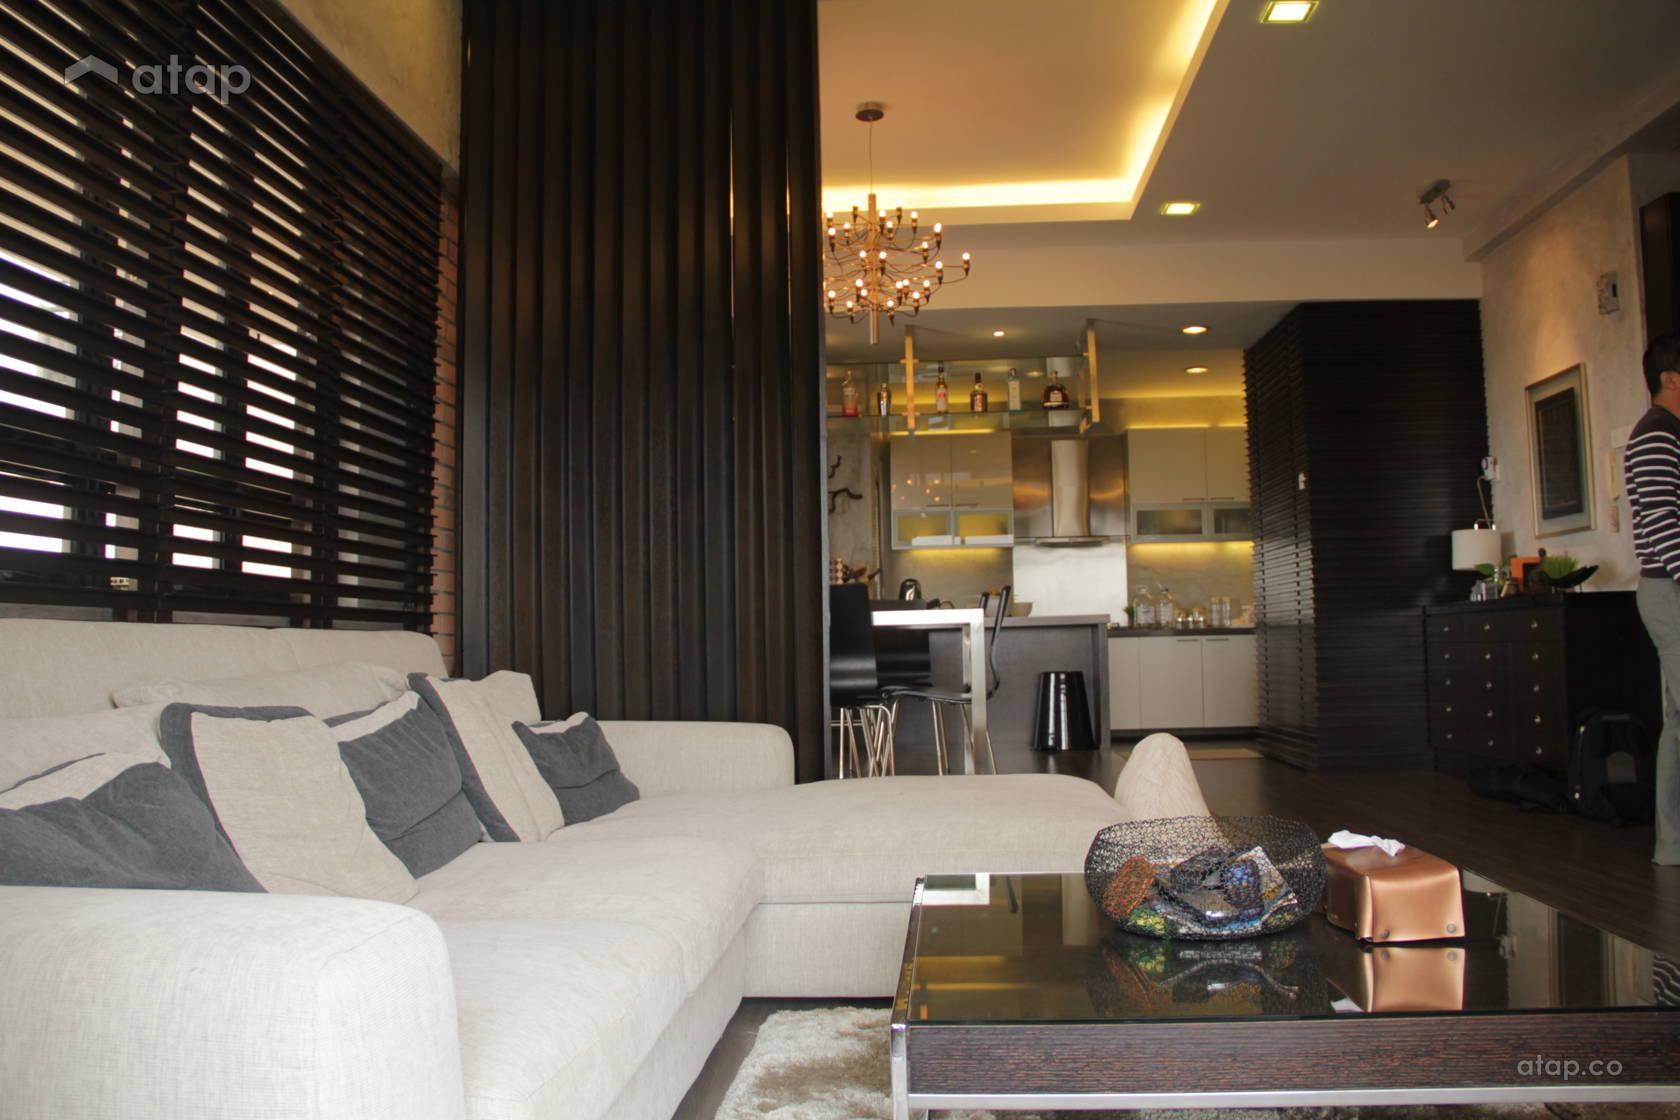 Rustic living room condominium design ideas photos malaysia atap co